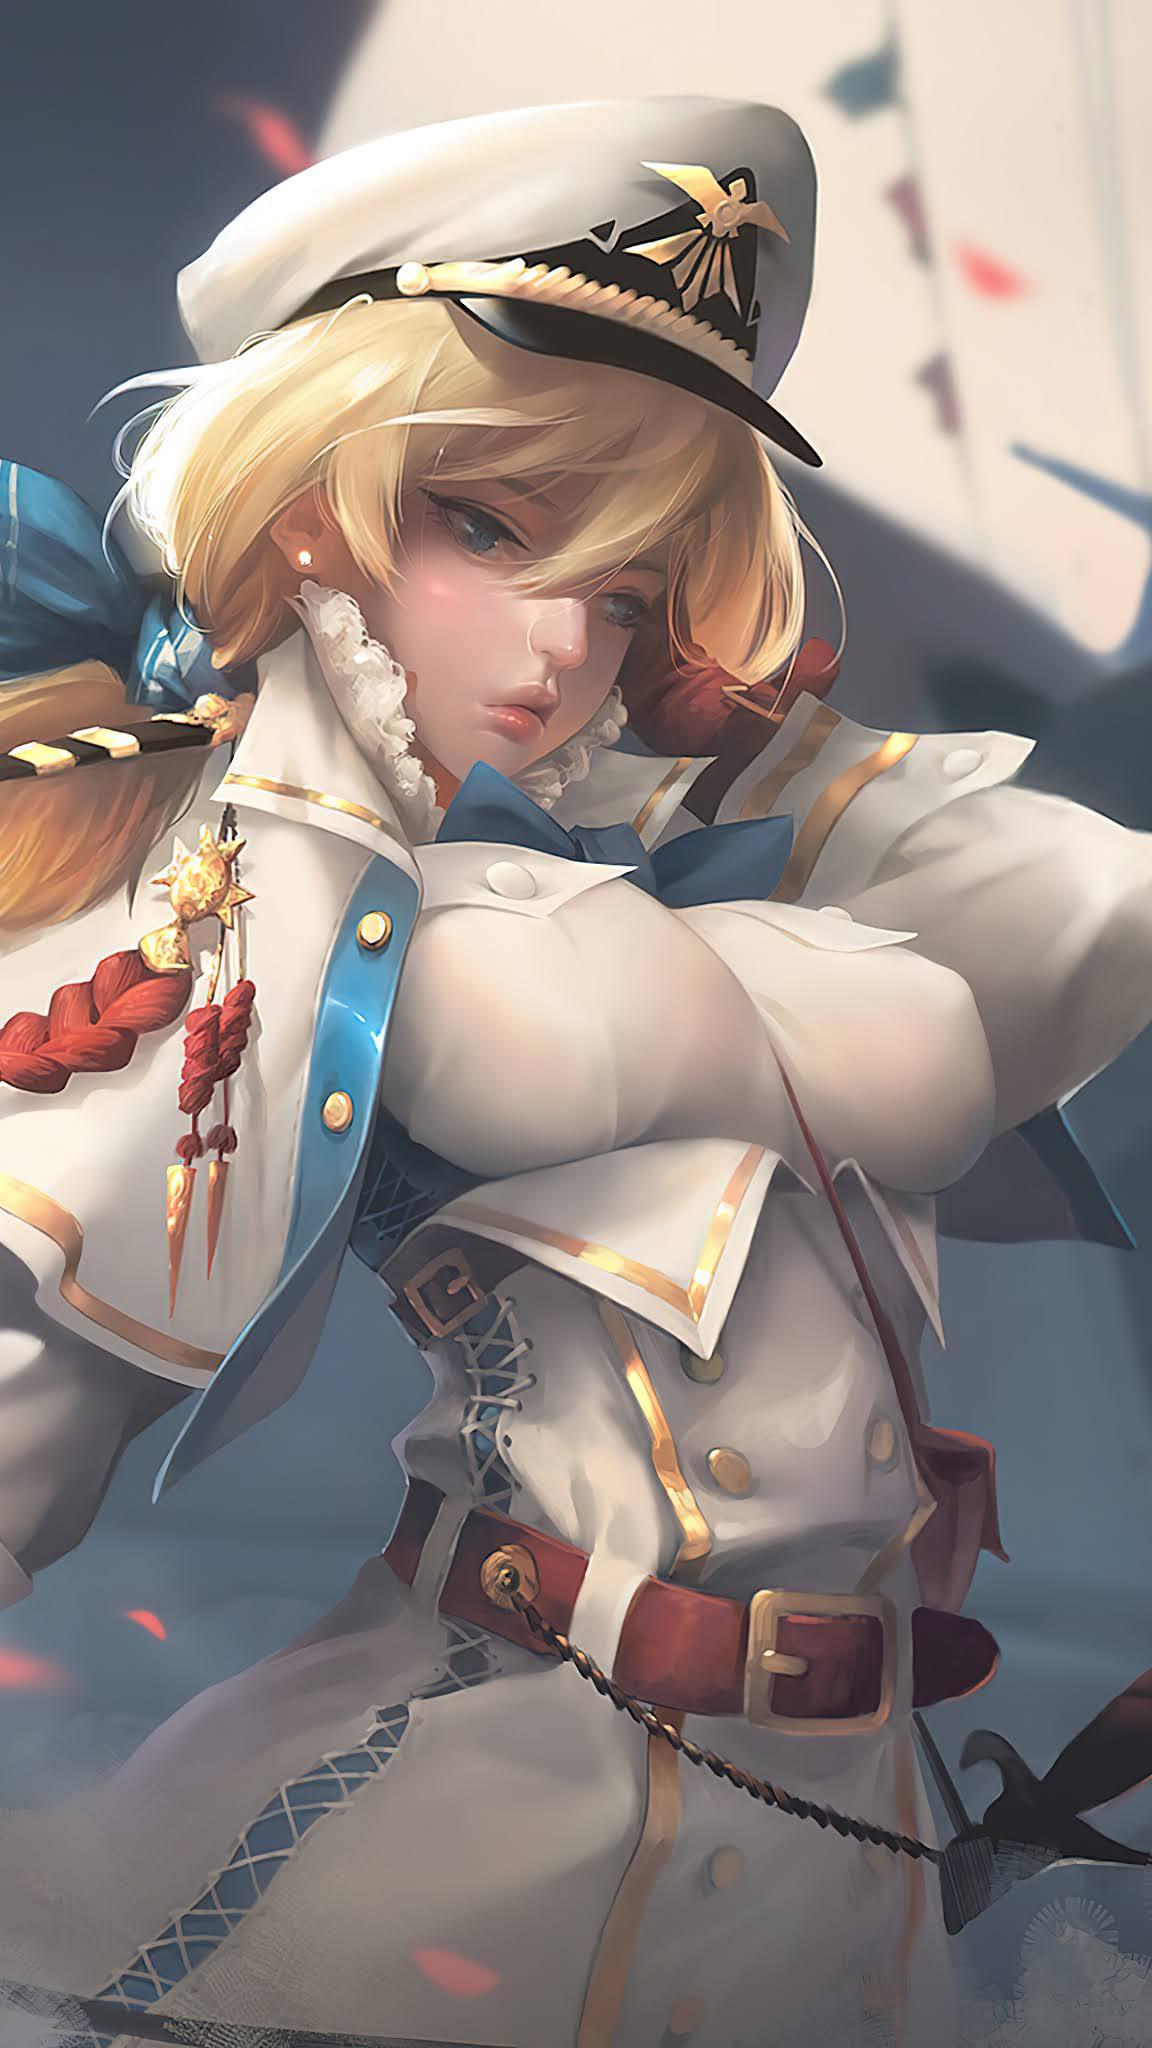 Anime Girl Blonde Naval Fleet Captain Mobile Wallpaper